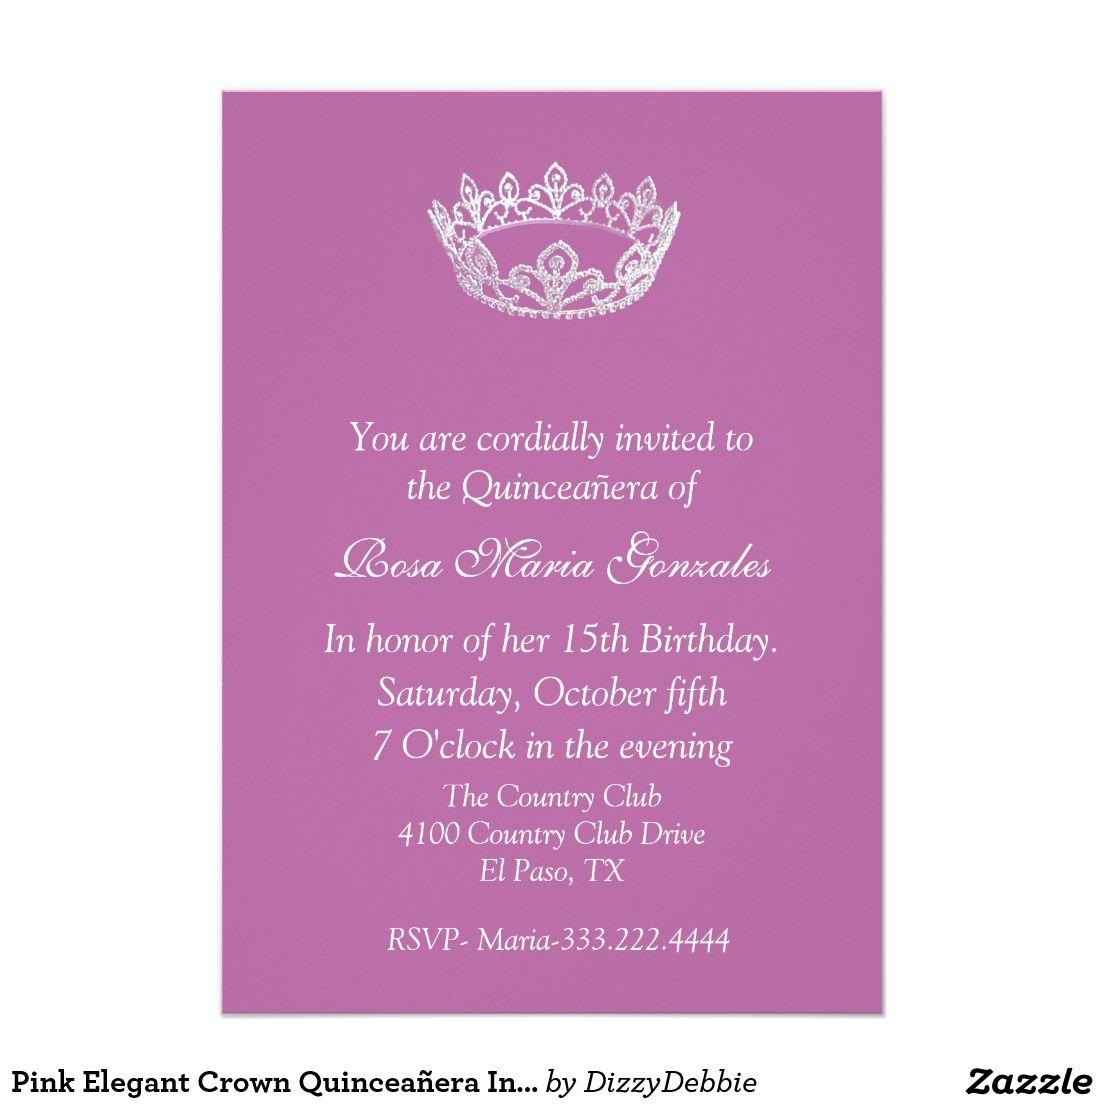 Pink elegant crown quinceaera invitation quinceanera invitations pink elegant crown quinceaera invitation stopboris Choice Image